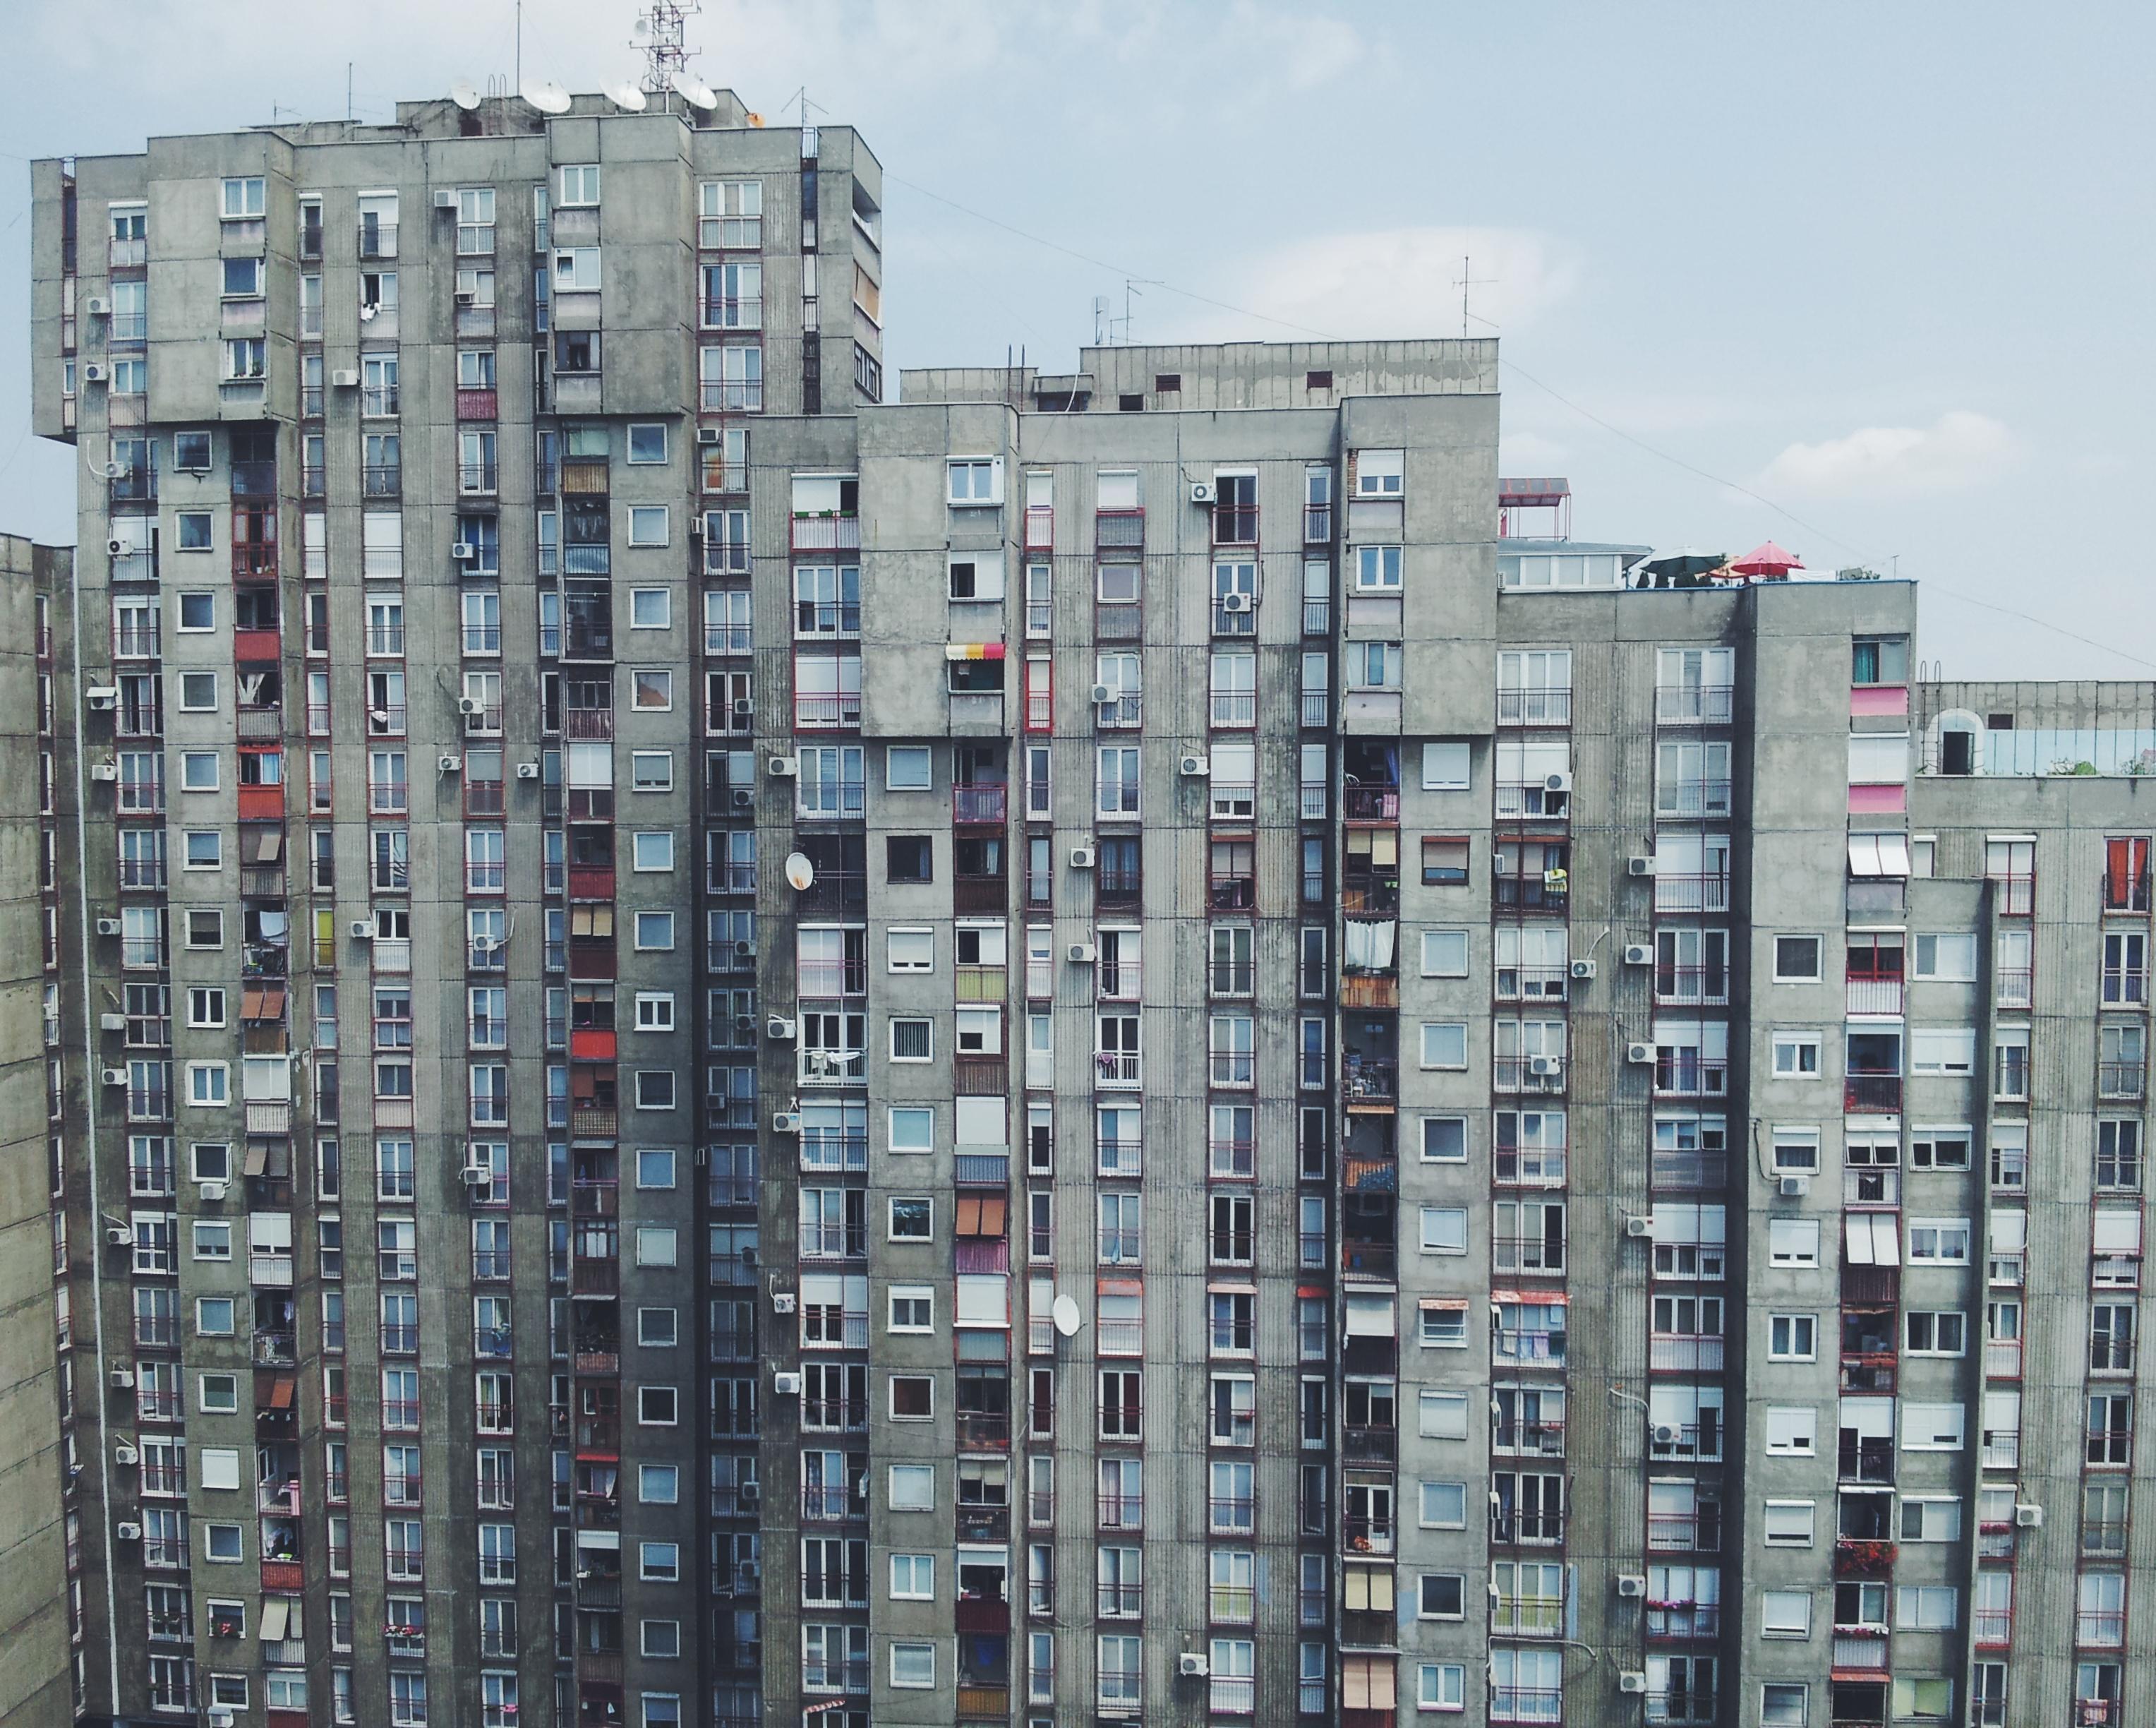 Suburbs of Belgrade